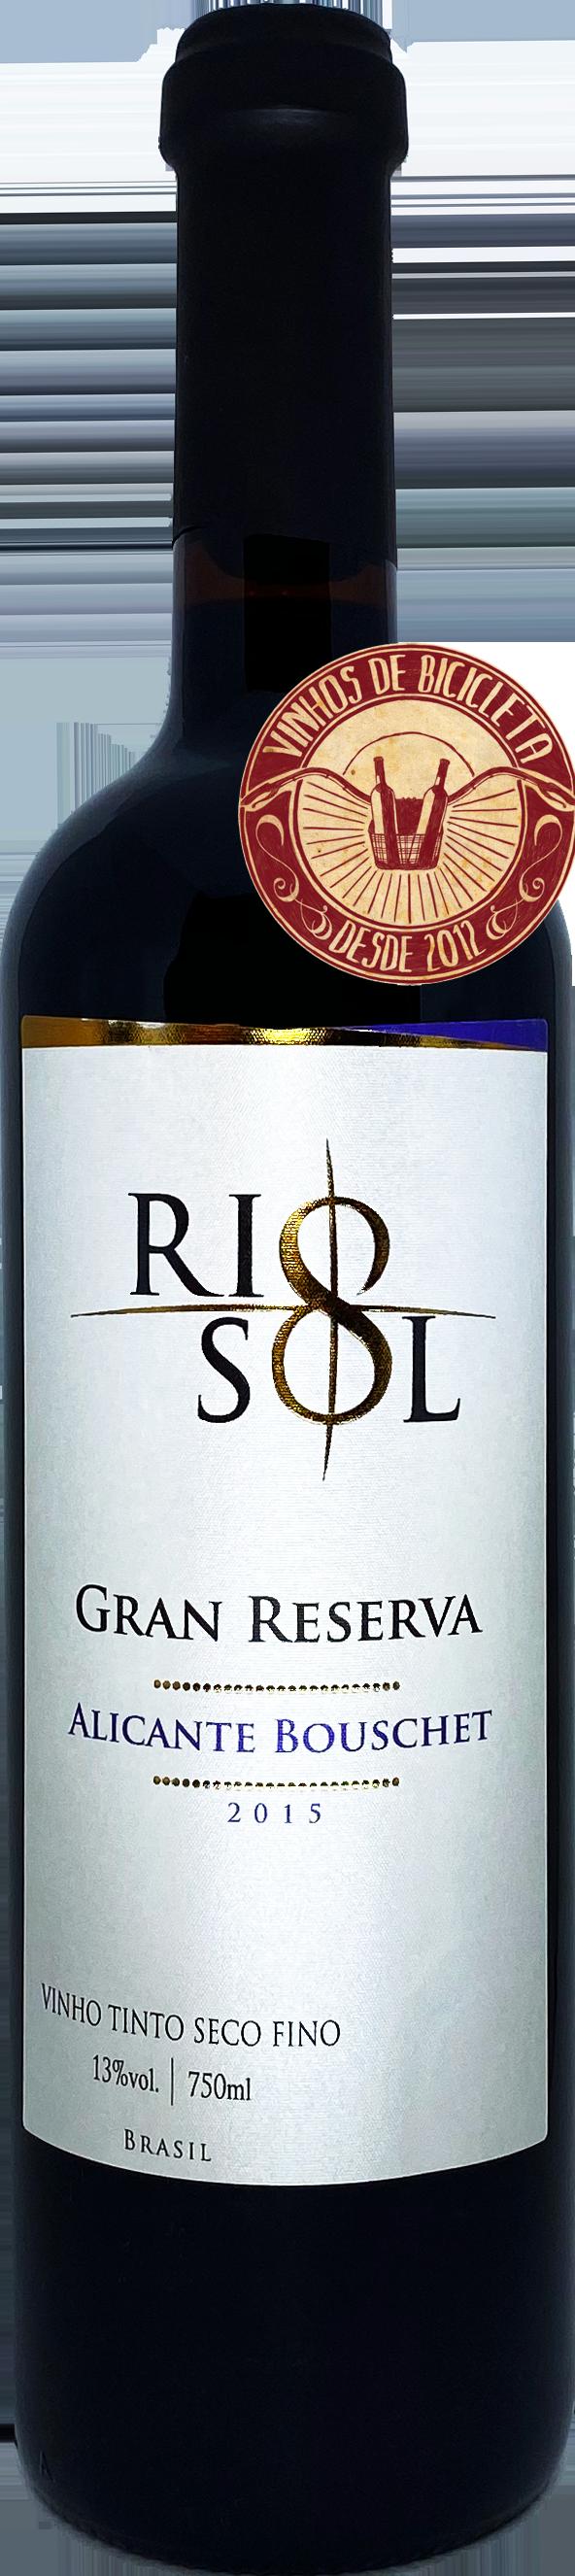 Rio Sol Gran Reserva Alicante Bouschet